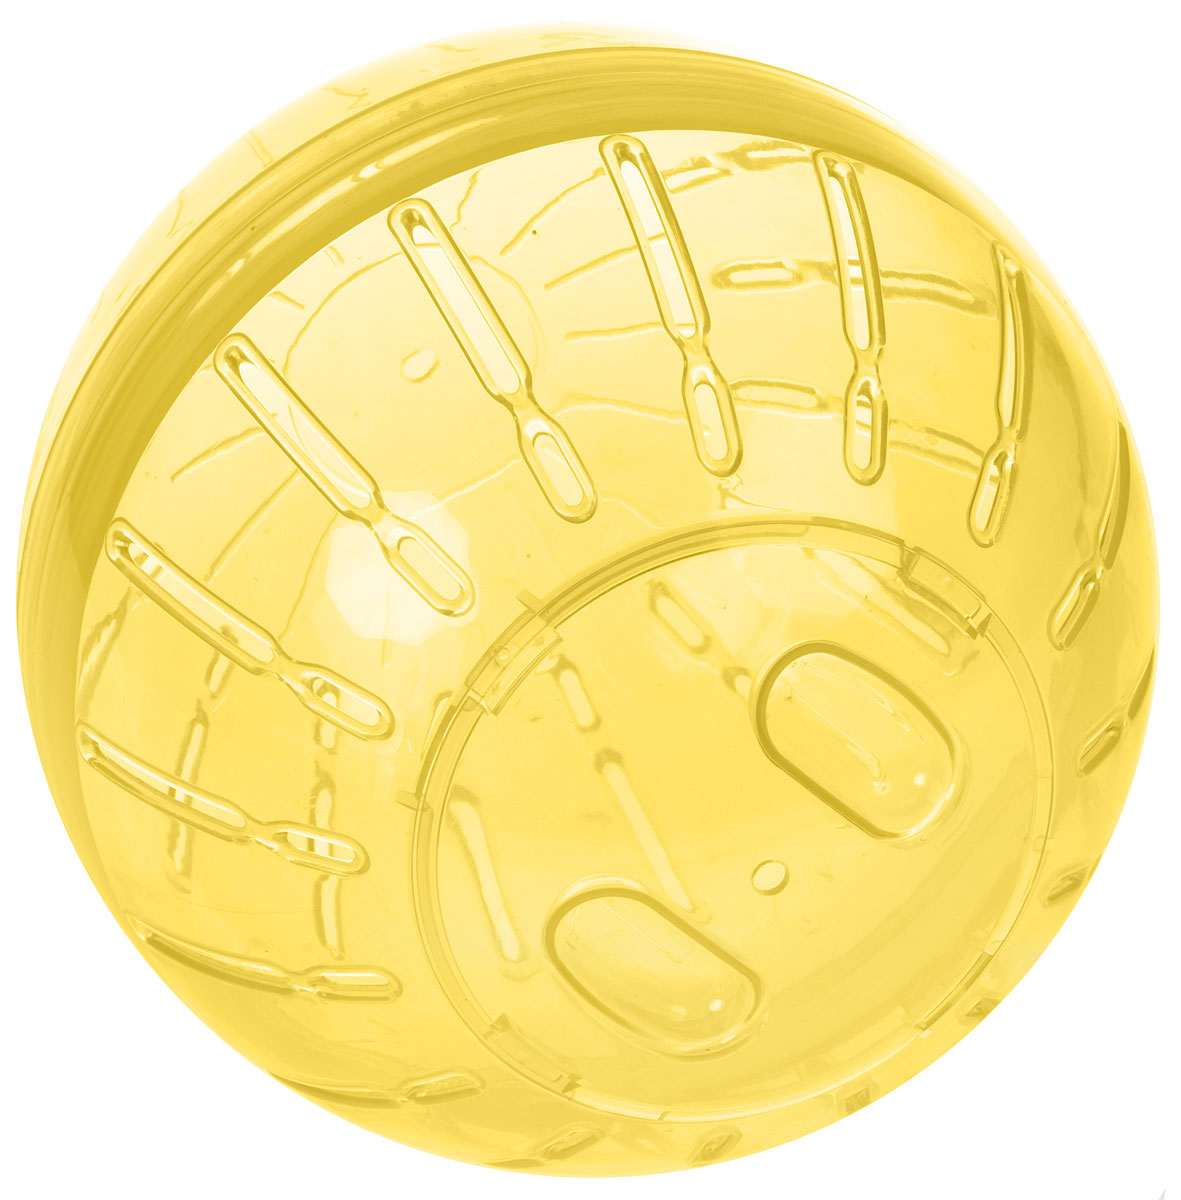 Игрушка для грызунов Triol Шар прогулочный, цвет: прозрачный желтый, диаметр 19 смКл-5212_прозрачный желтыйШар прогулочный Triol - это игрушка для грызунов,изготовленная из нетоксичного высококачественногопластика. Шар легко моется. Устойчивая конструкция сзащелкивающимися дверцами обеспечит безопасность ипредохранит вашего питомца от побега. Большиевентиляционные отверстия обеспечивают хорошуюциркуляцию воздуха, а специально разработанные выступыдля лап - удобство при передвижении. Прогулка в таком шареобеспечит грызуну нагрузку, а значит, поможет поддержатьхорошую физическую форму.Чтобы правильно подобрать шар, следует измерить длинуживотного: диаметр шара должен быть чуть больше, чемдлина вашего питомца. Диаметр шара: 19 см.